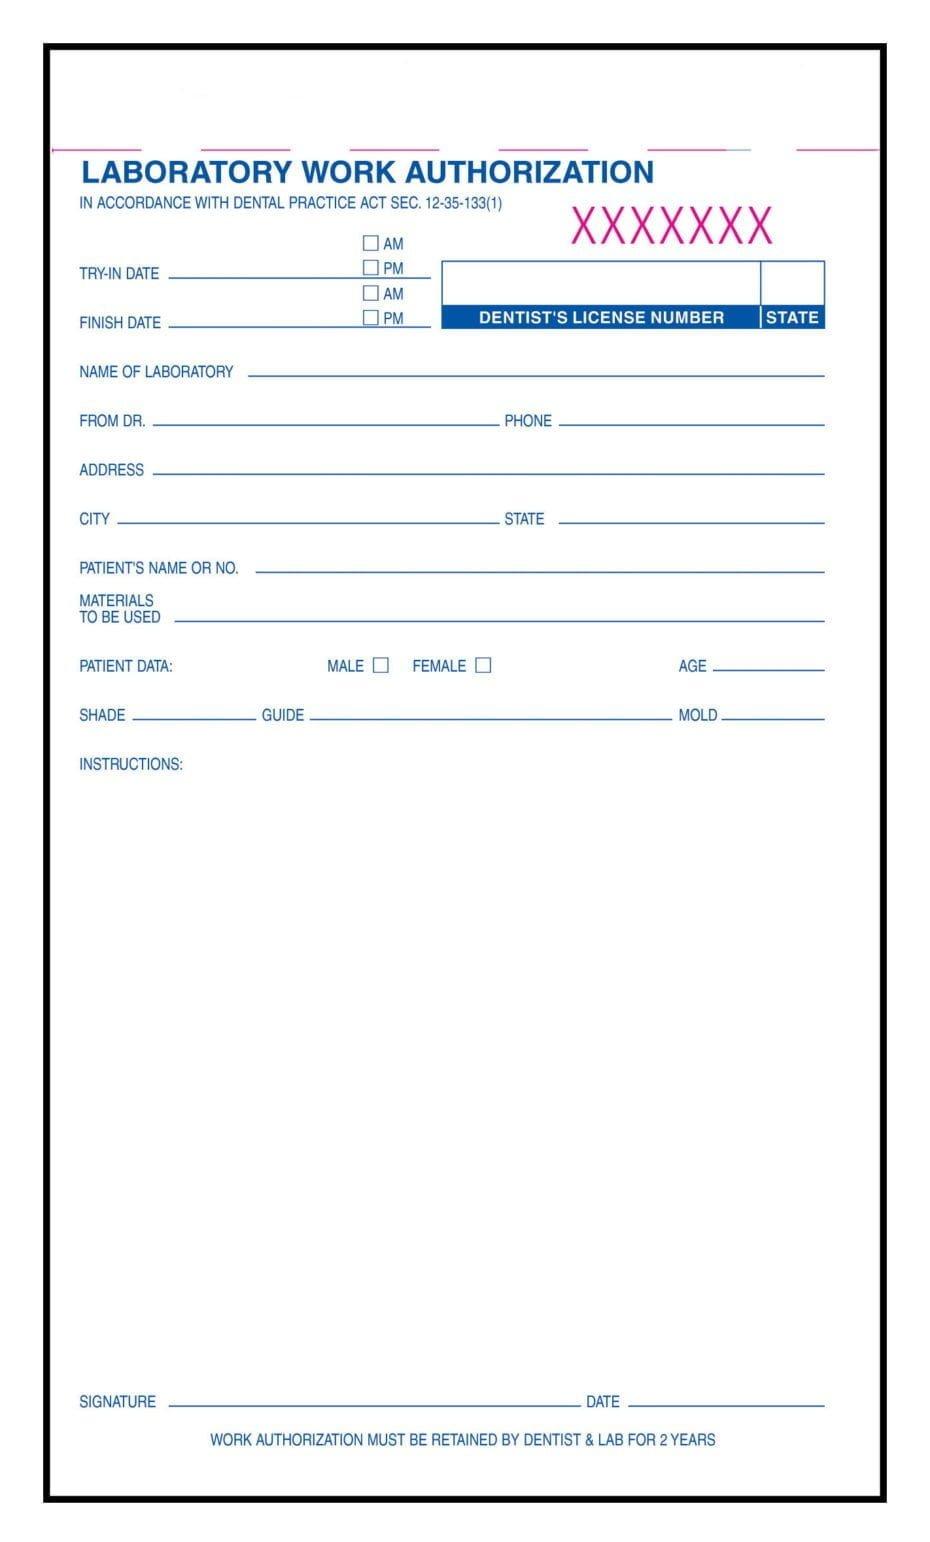 001-4002439.pdf